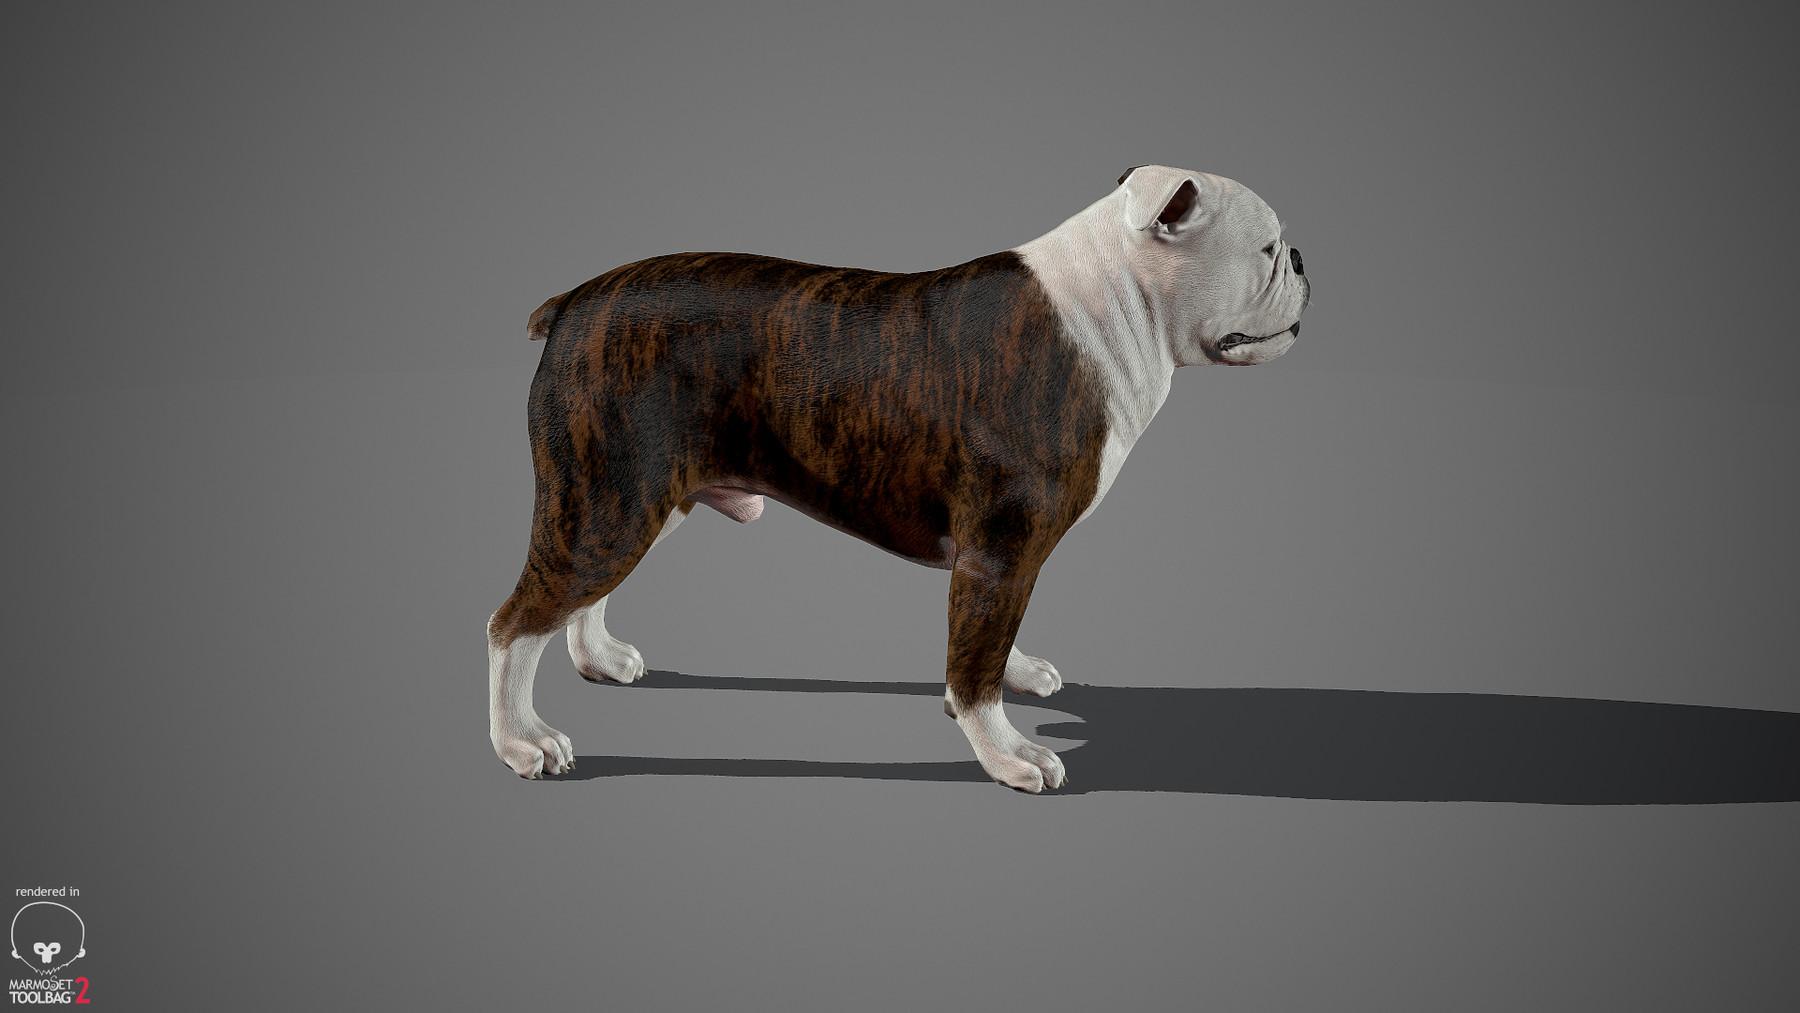 Englishbulldog by alexlashko marmoset 31